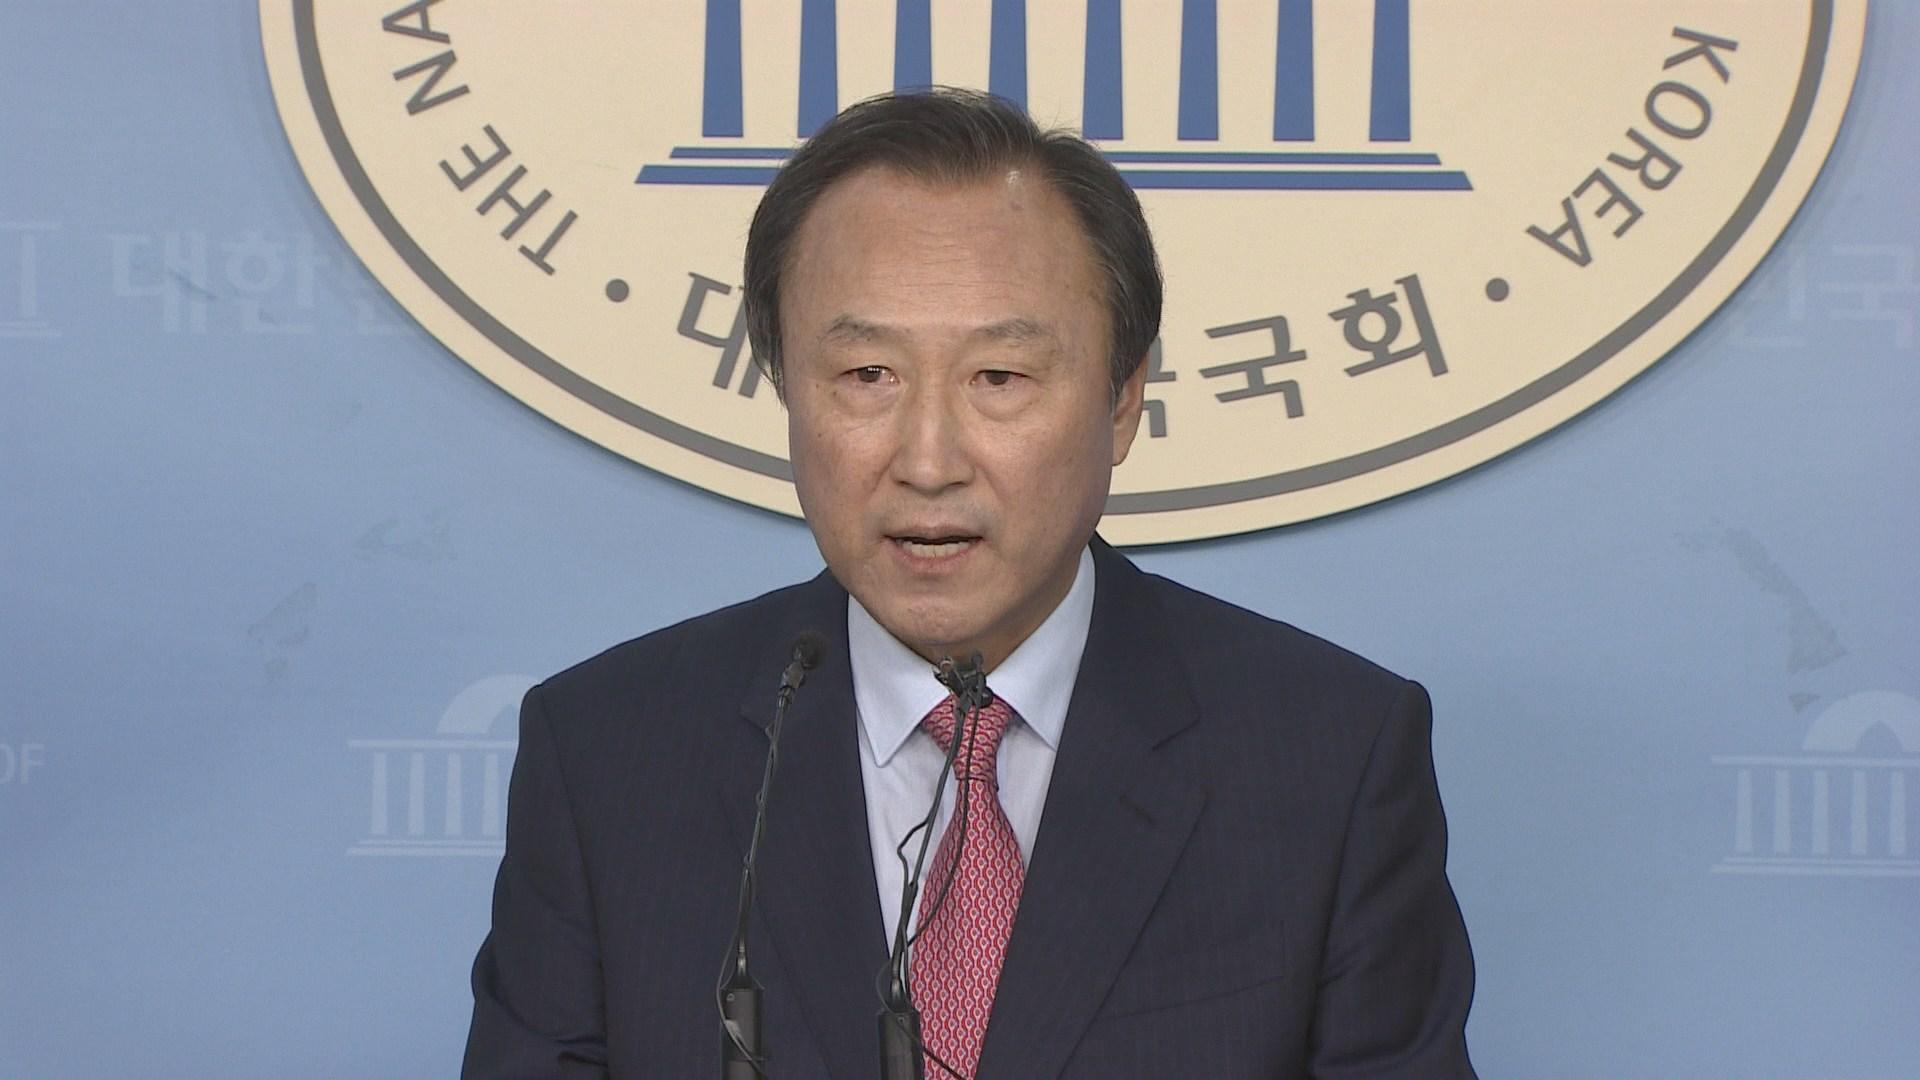 '불법 정치자금 수수' 홍일표 2심서도 실형 구형